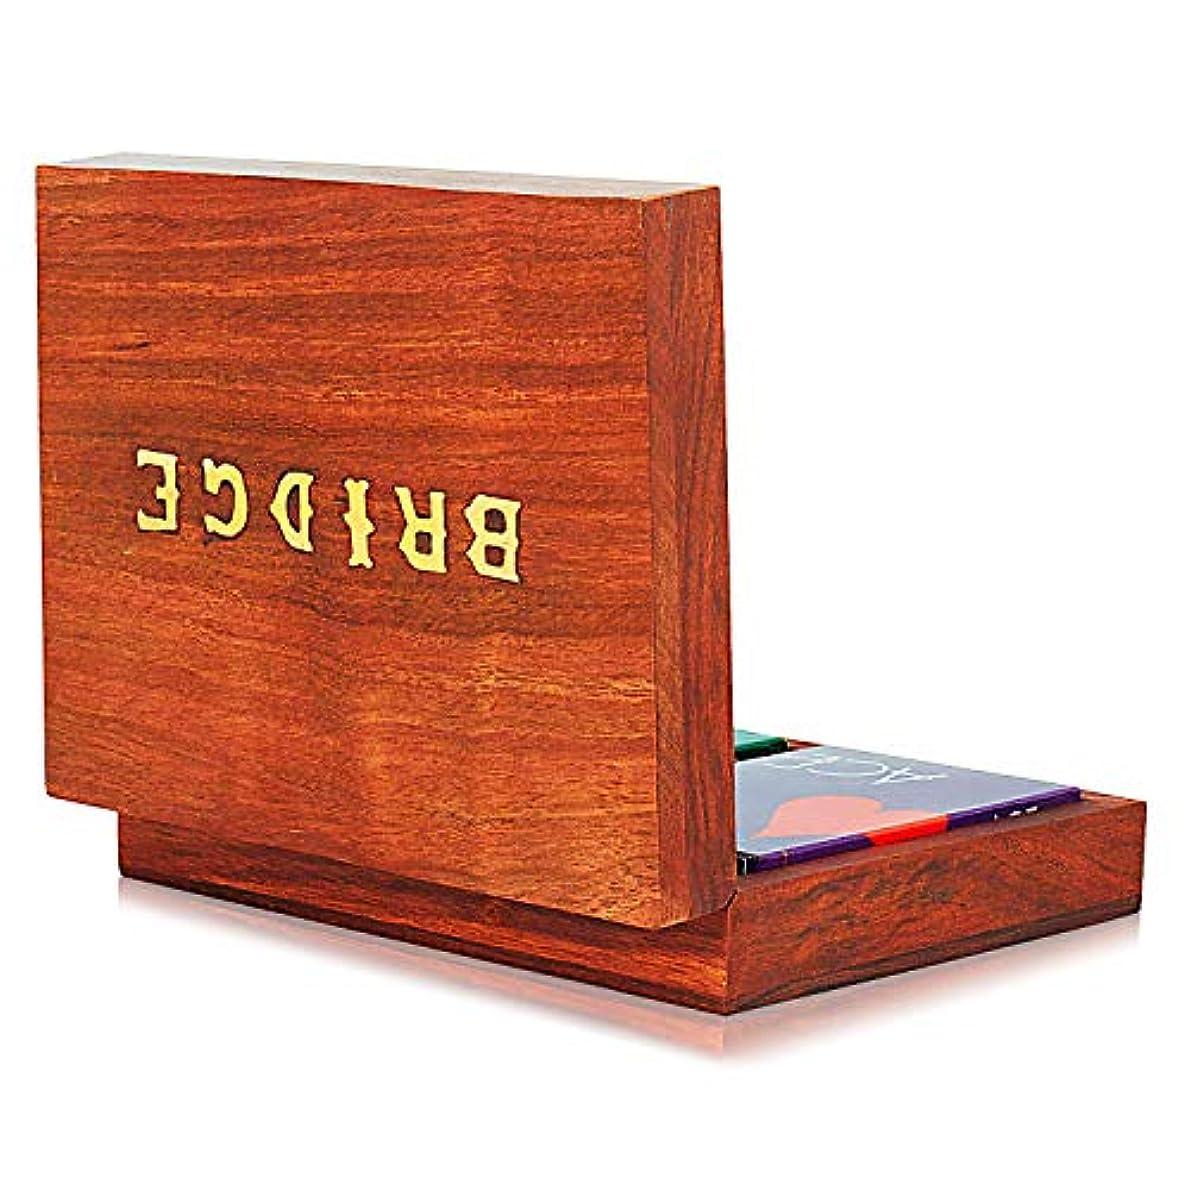 コンパス当社センターThe Great Indian Bazaar 手作り木製ブリッジトランプ ホルダー デッキボックス 収納ケース オーガナイザー 2セット 高品質 「Ace」トランプ 記念日 新築祝い ギフト 彼氏 彼女